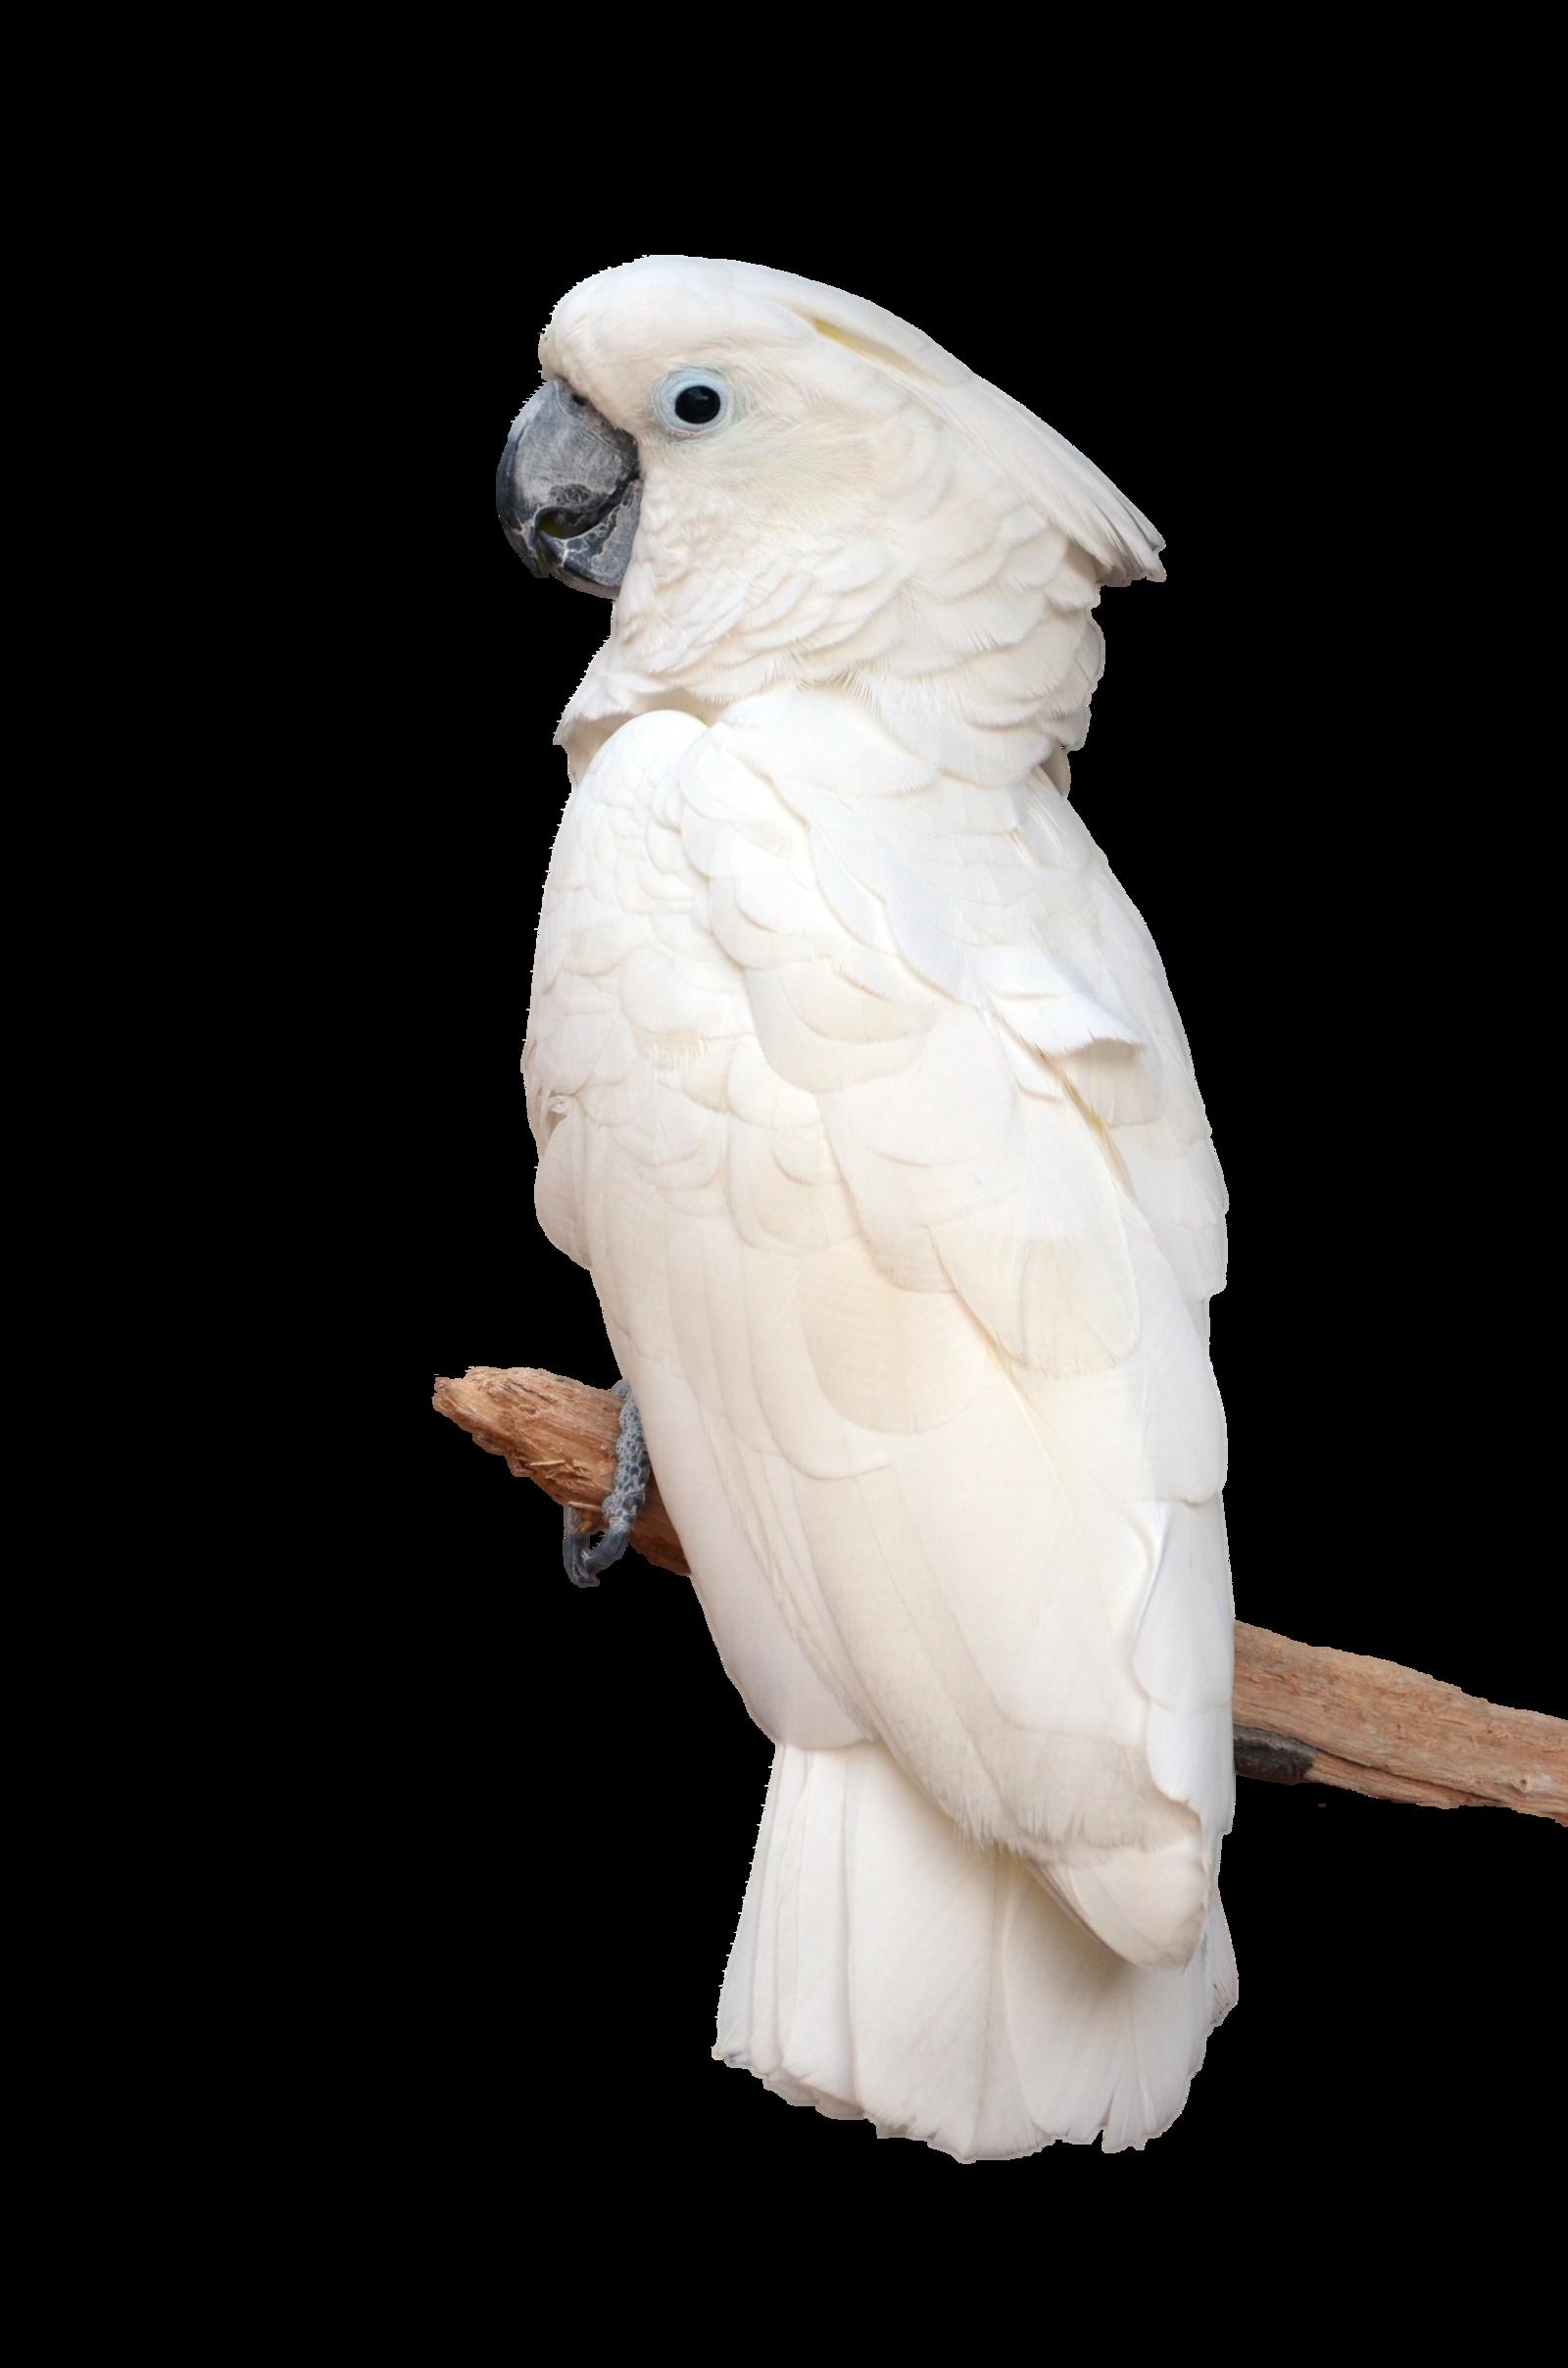 Kuvahaun tulos haulle parrot white